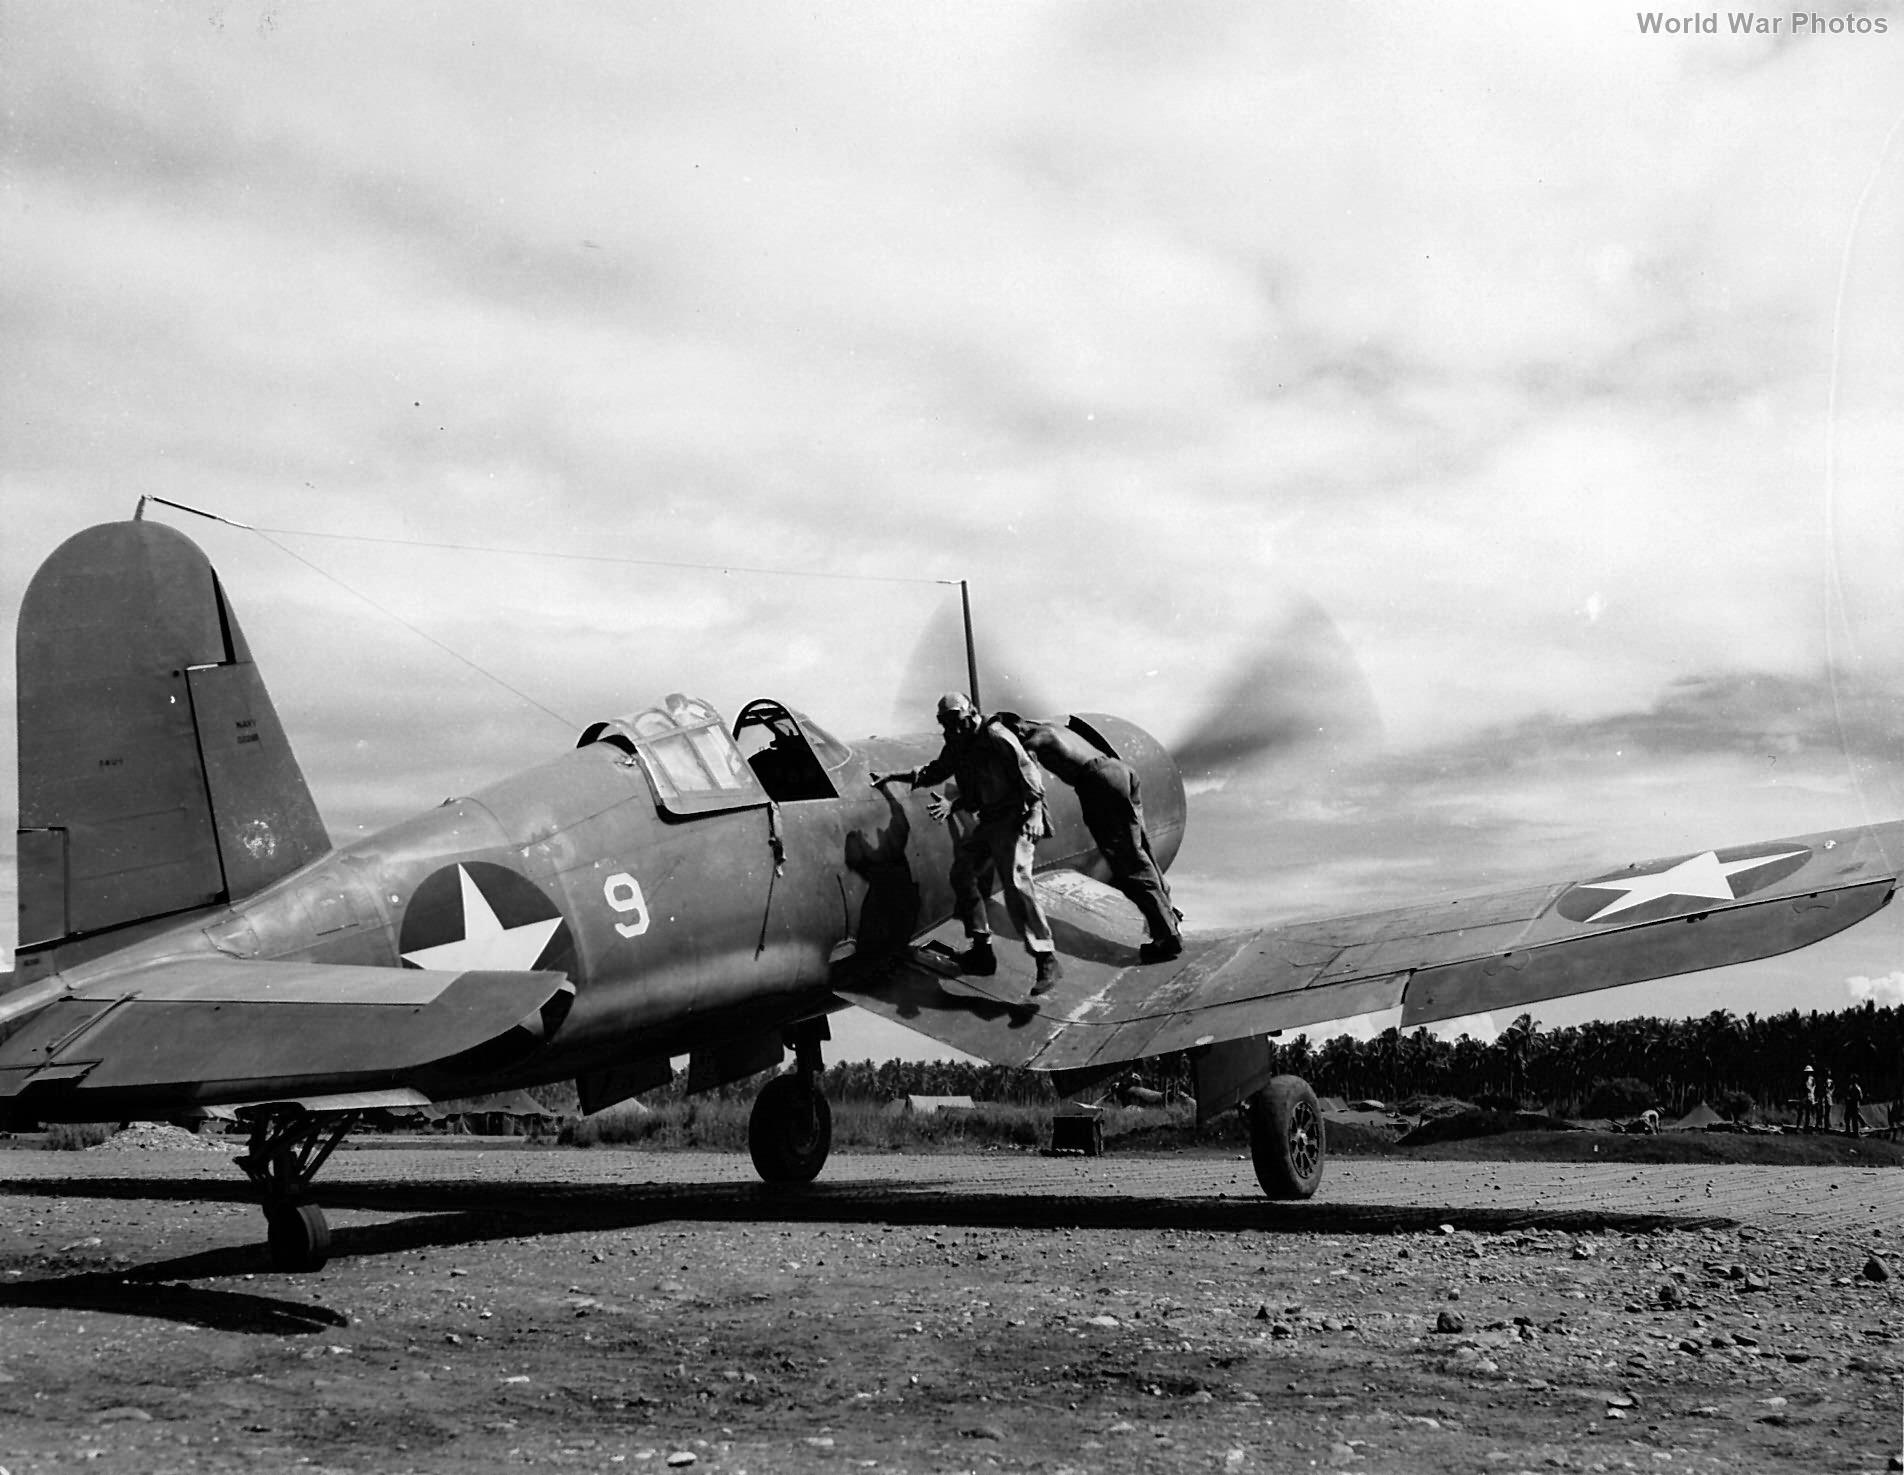 F4U-1 BuNo 02288 flown by Major Gregory Weissenberger of VMF-213